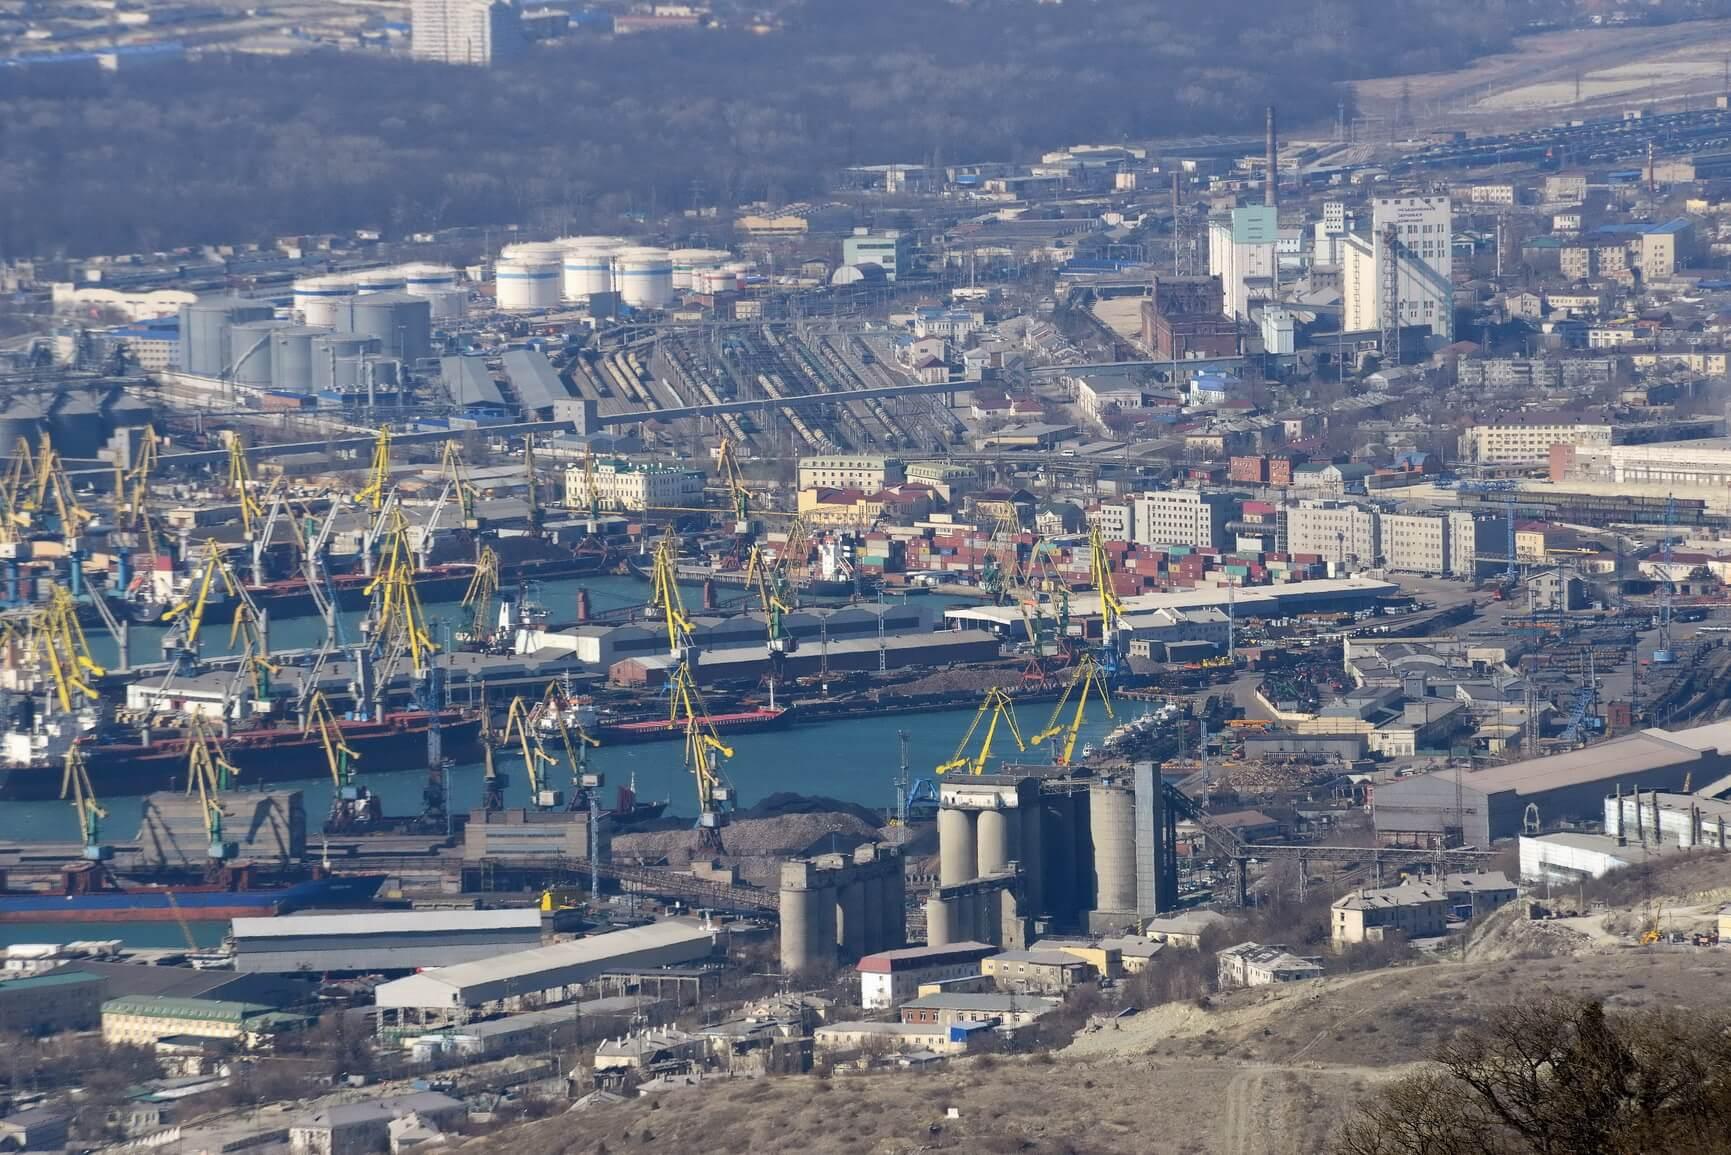 Бюджет Новороссийска достиг 10,3 млрд рублей. На что потратят?